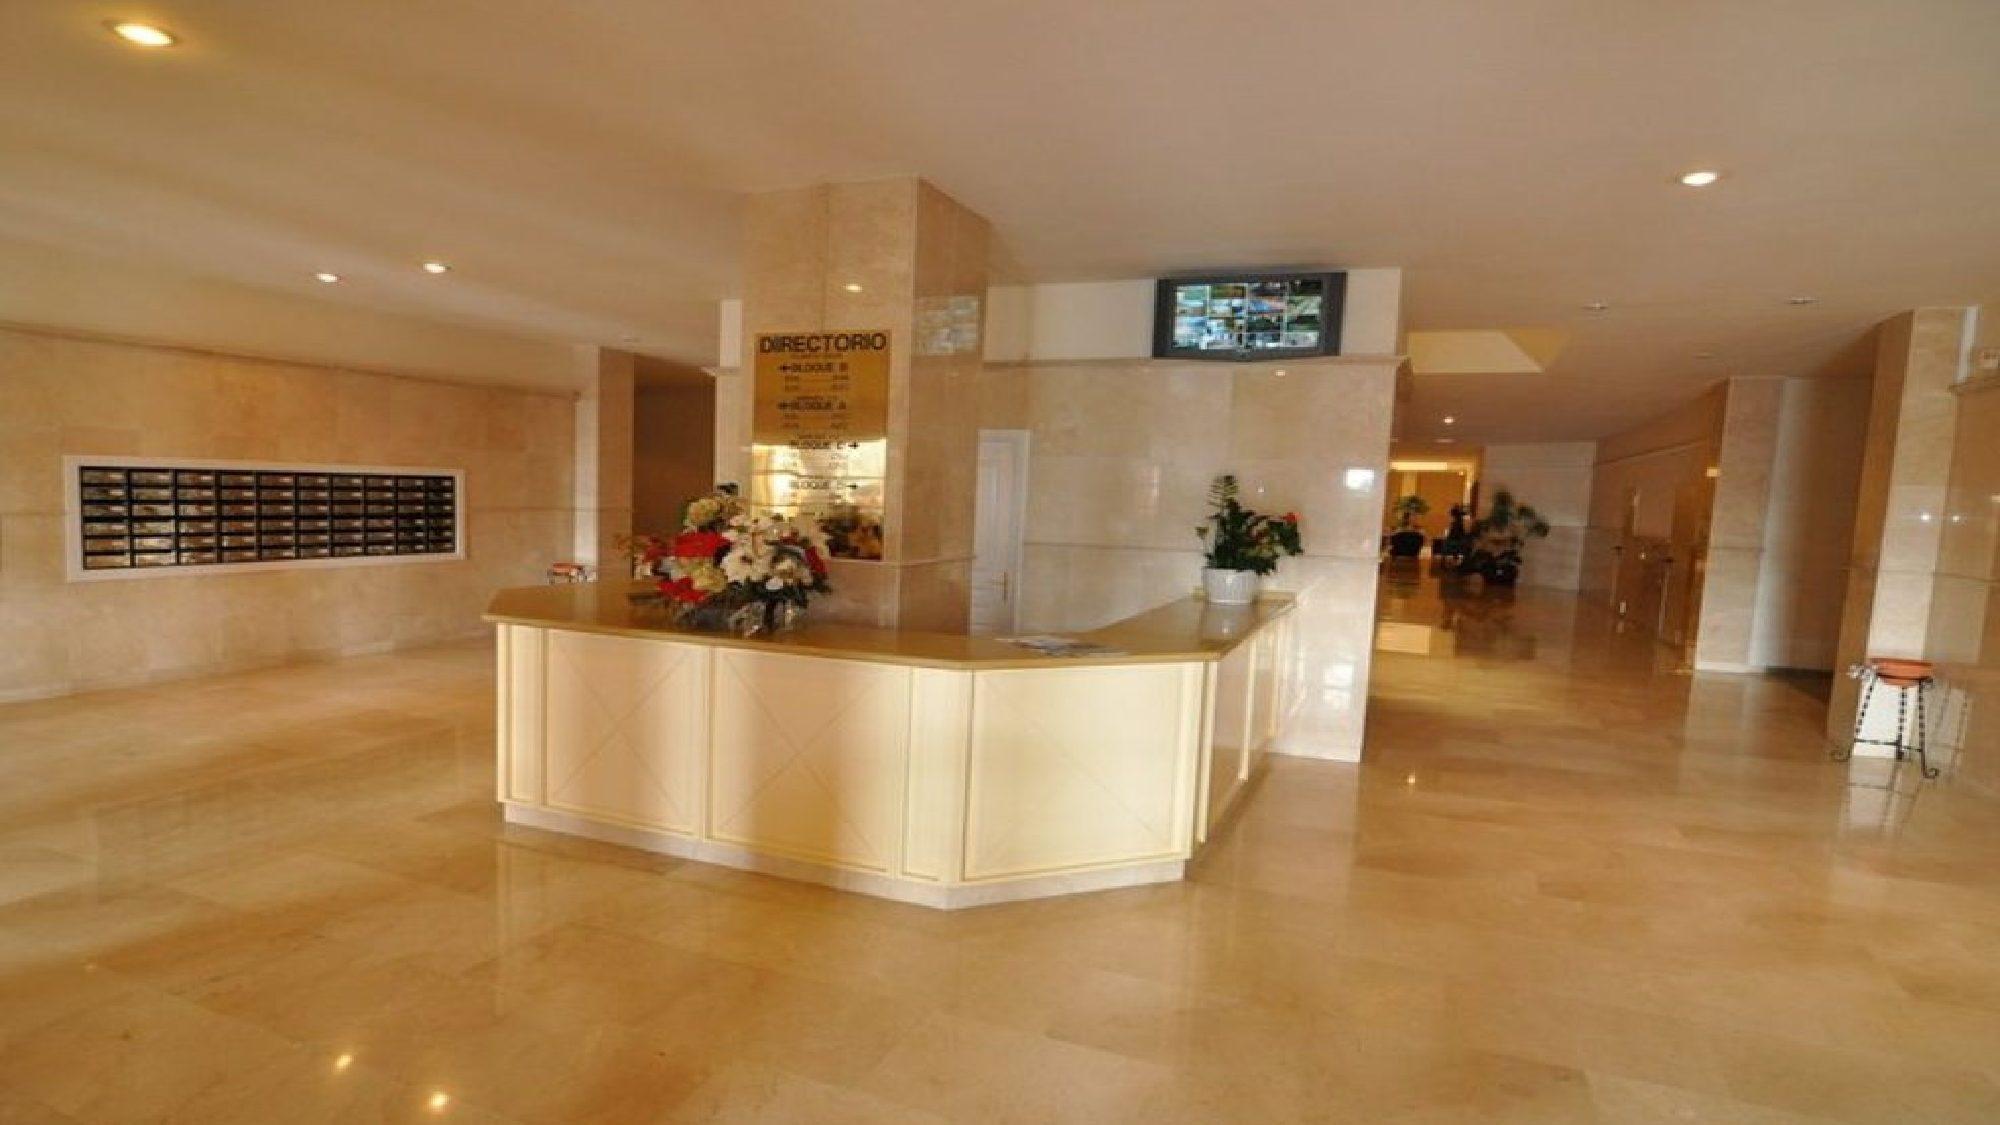 3 Bedroom Apartment in Tenerife for rent | Costa Adeje ...